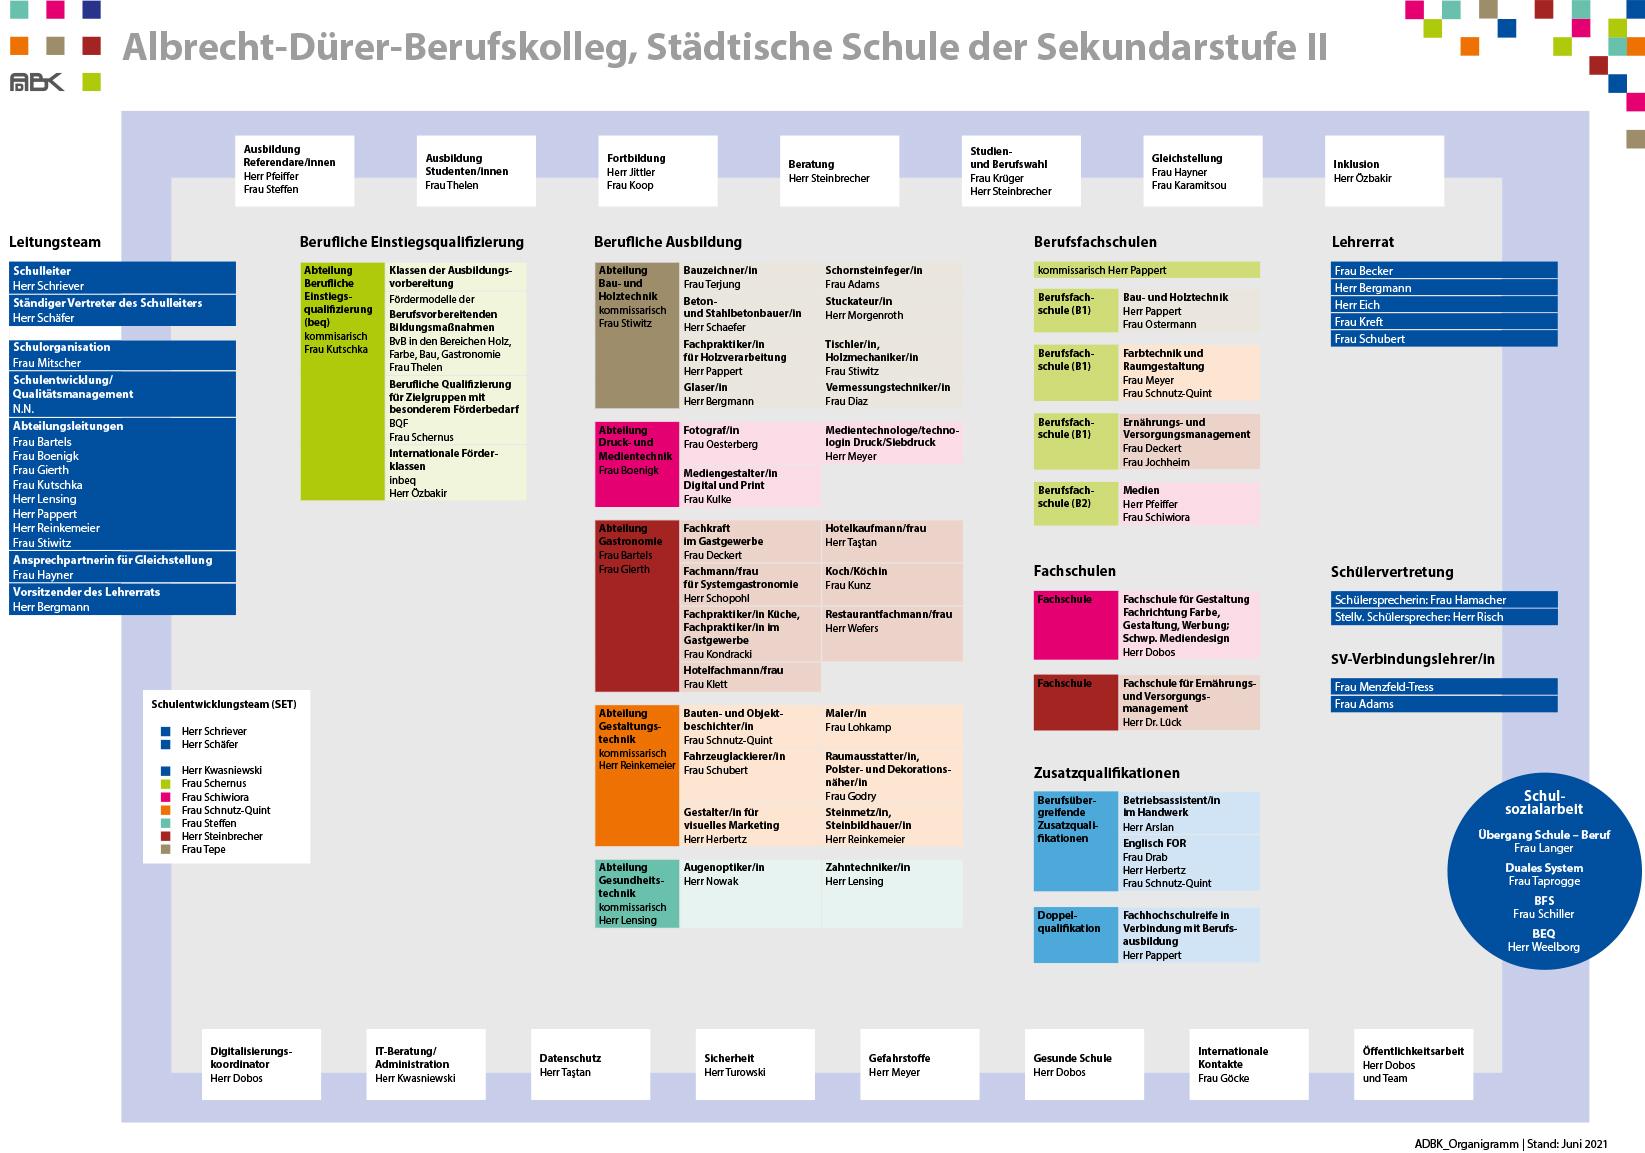 Organigramm ADBK